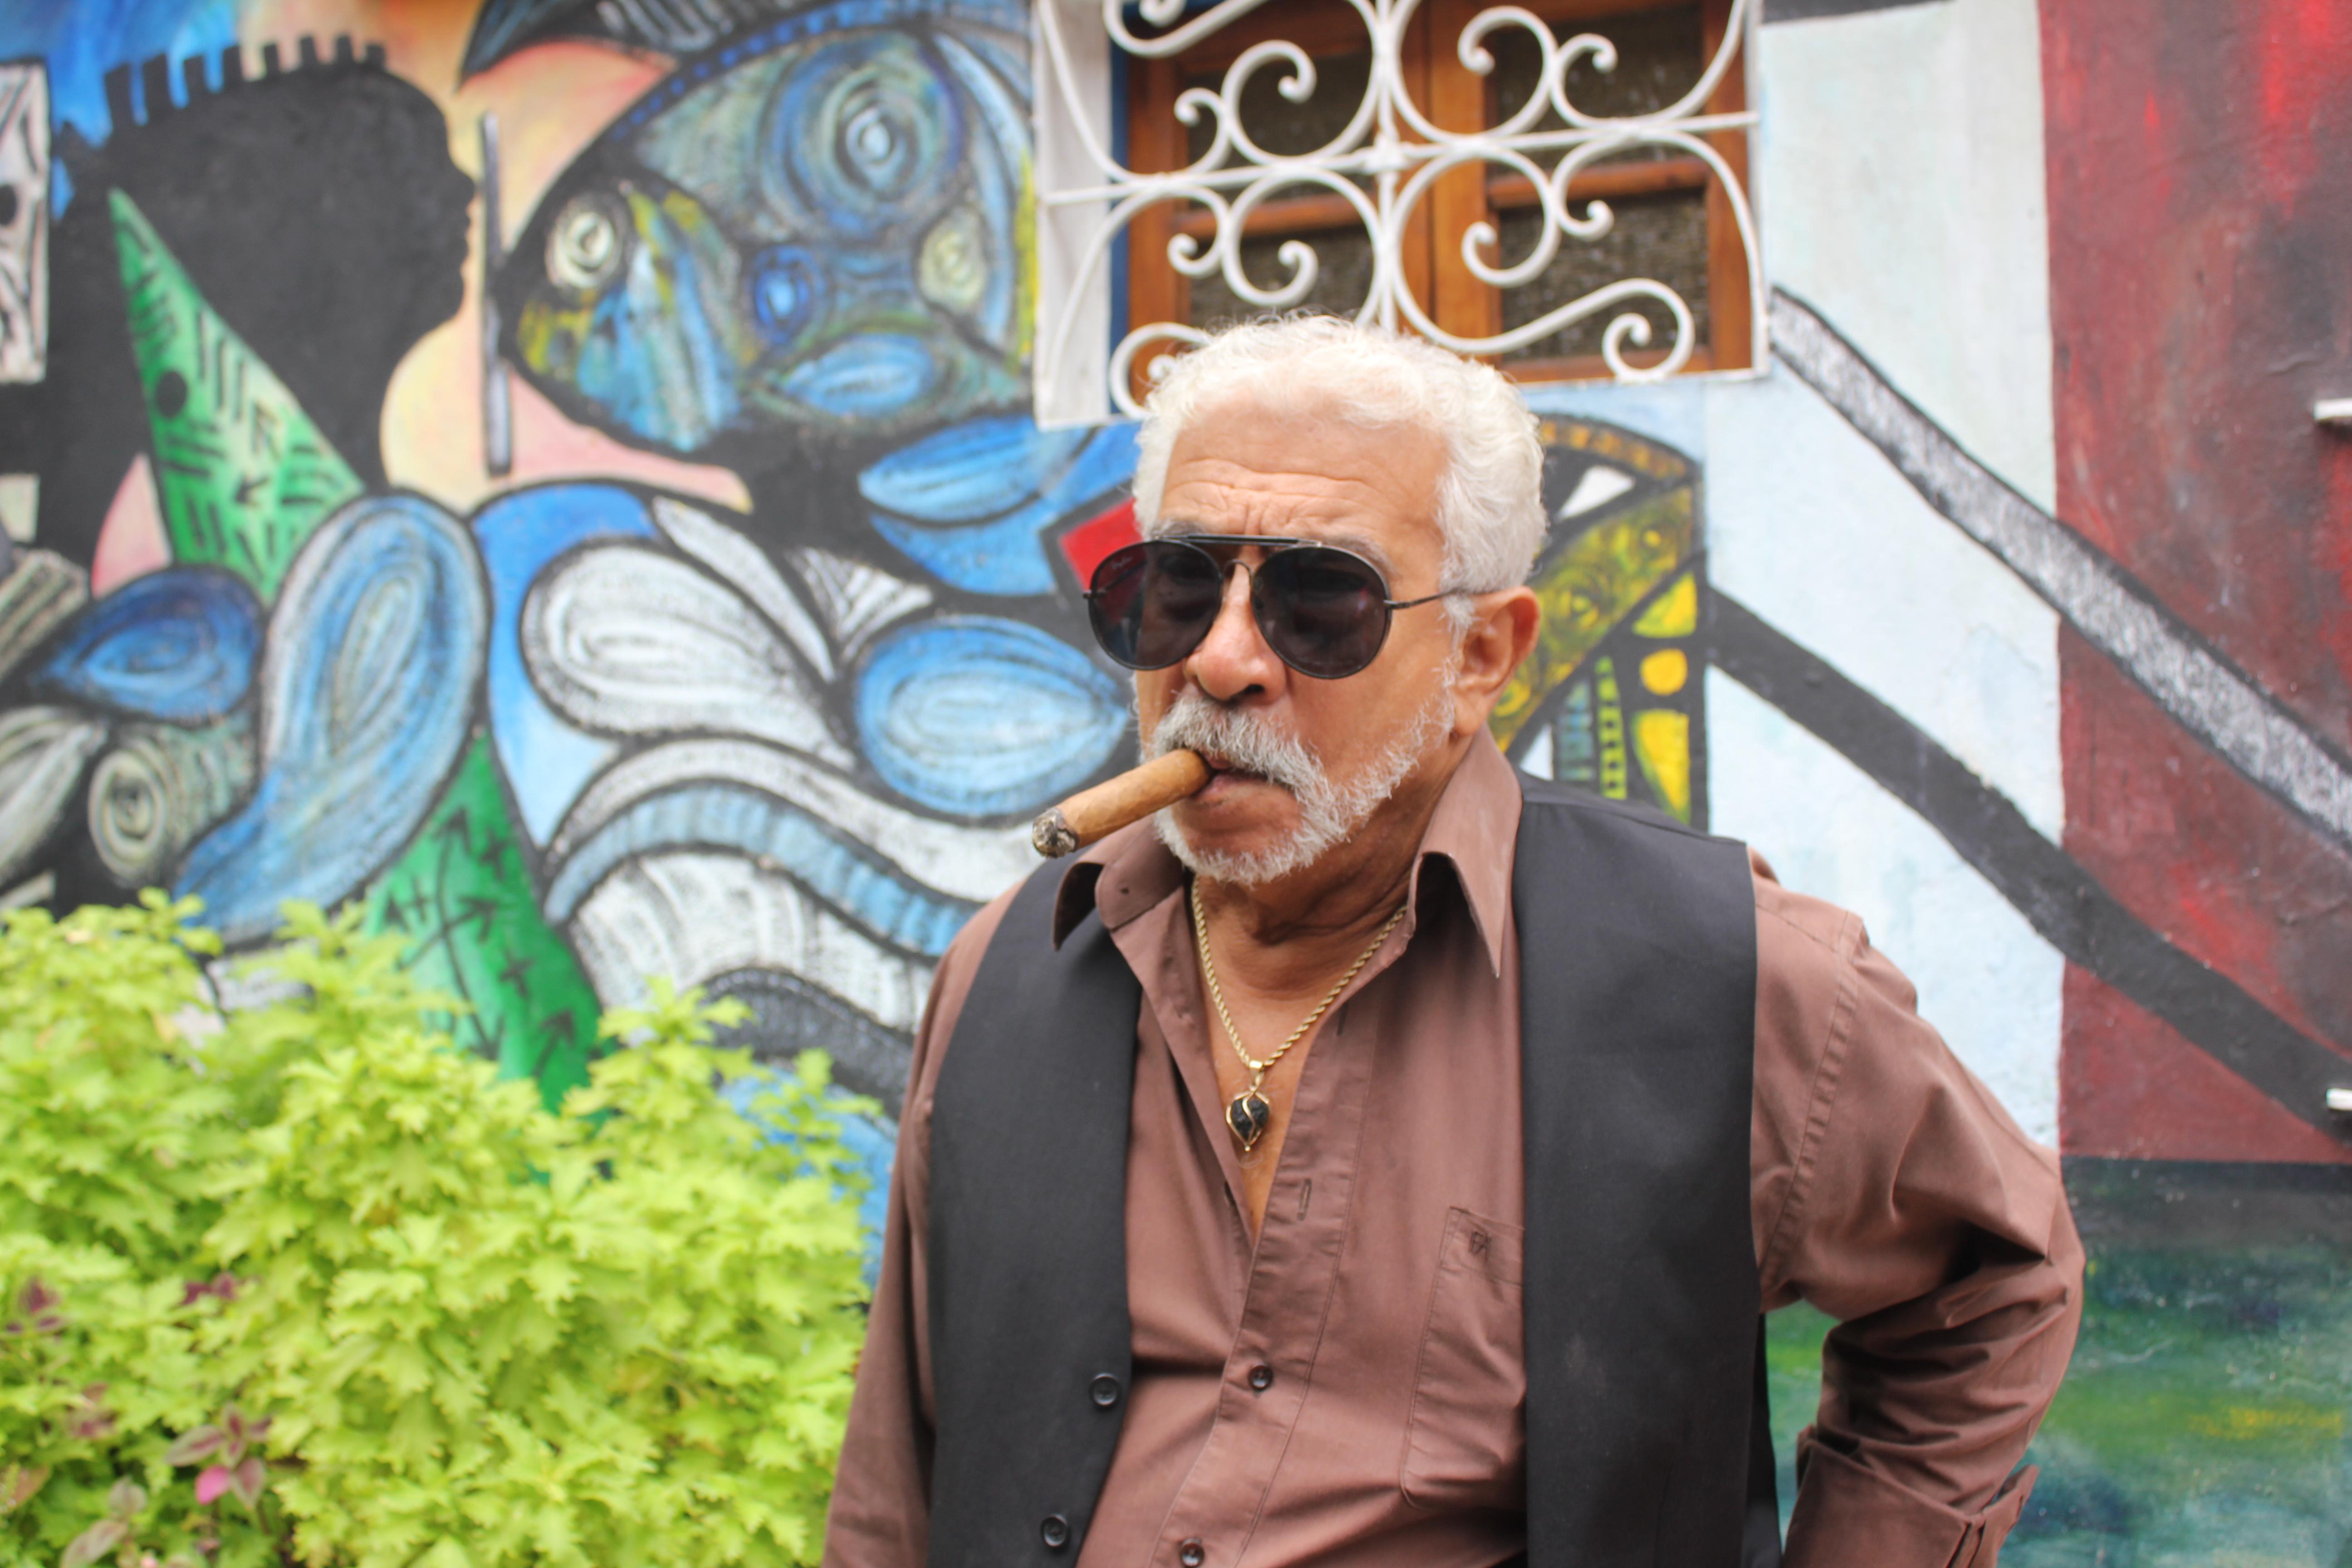 Salvador Gonzáles Escalona, pintor e muralista cubano criador do projeto Callejon de Hamel